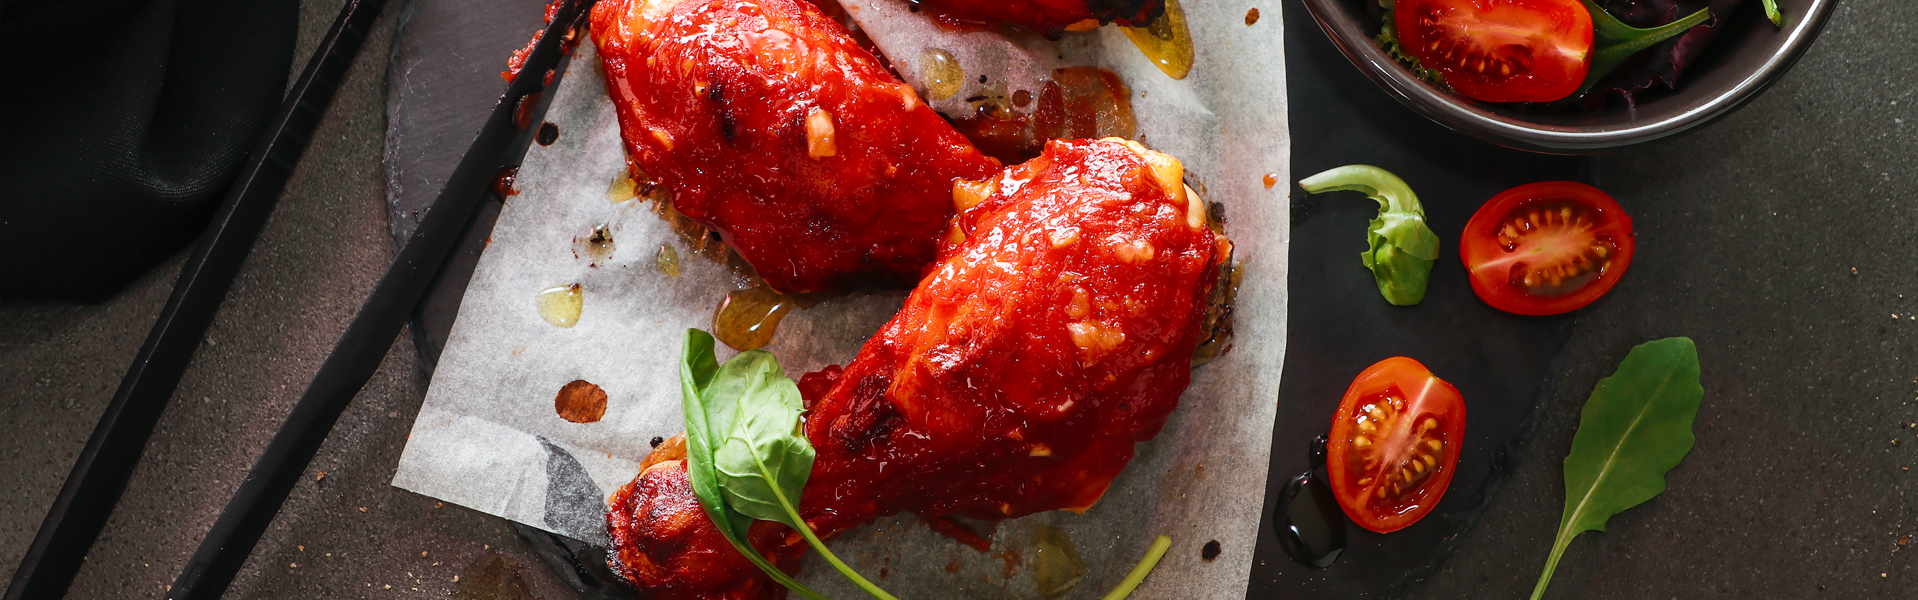 Cosce di pollo in salsa BBQ